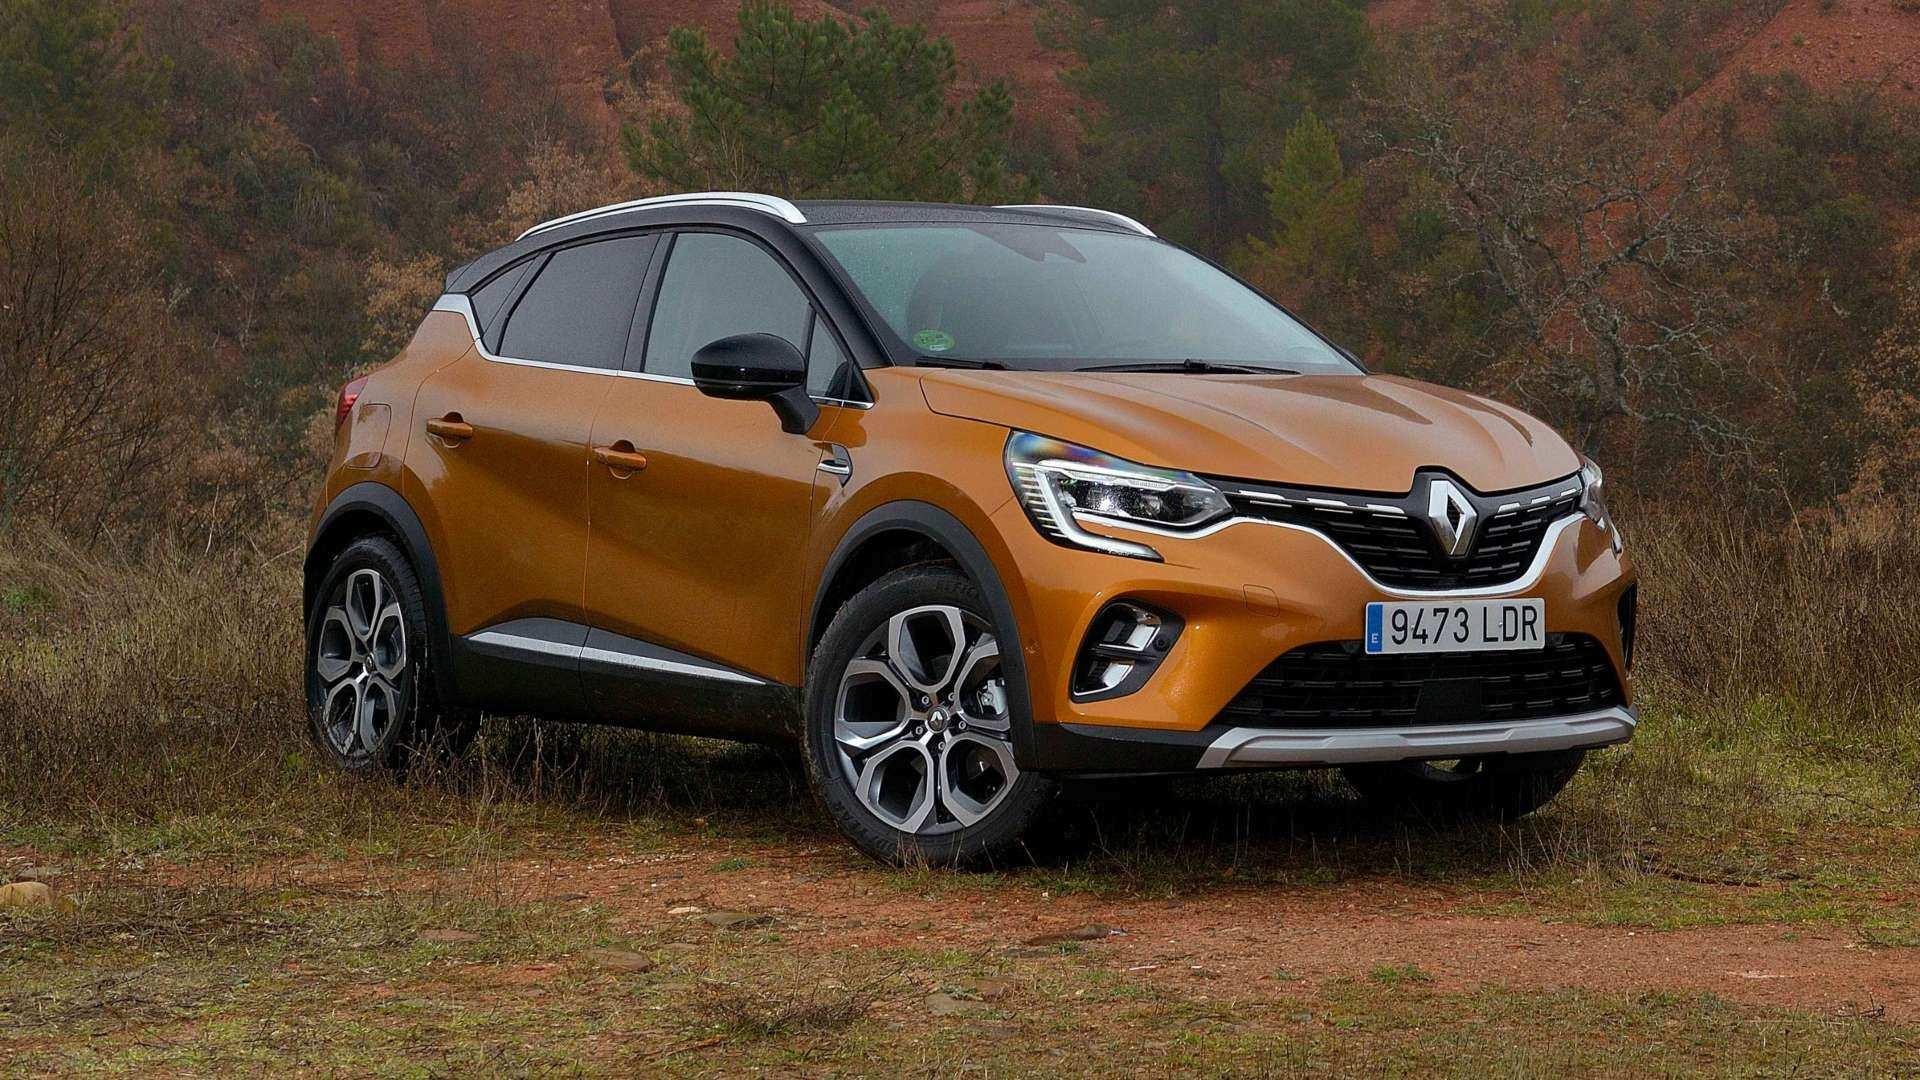 El nuevo Renault Captur ya está disponible en España